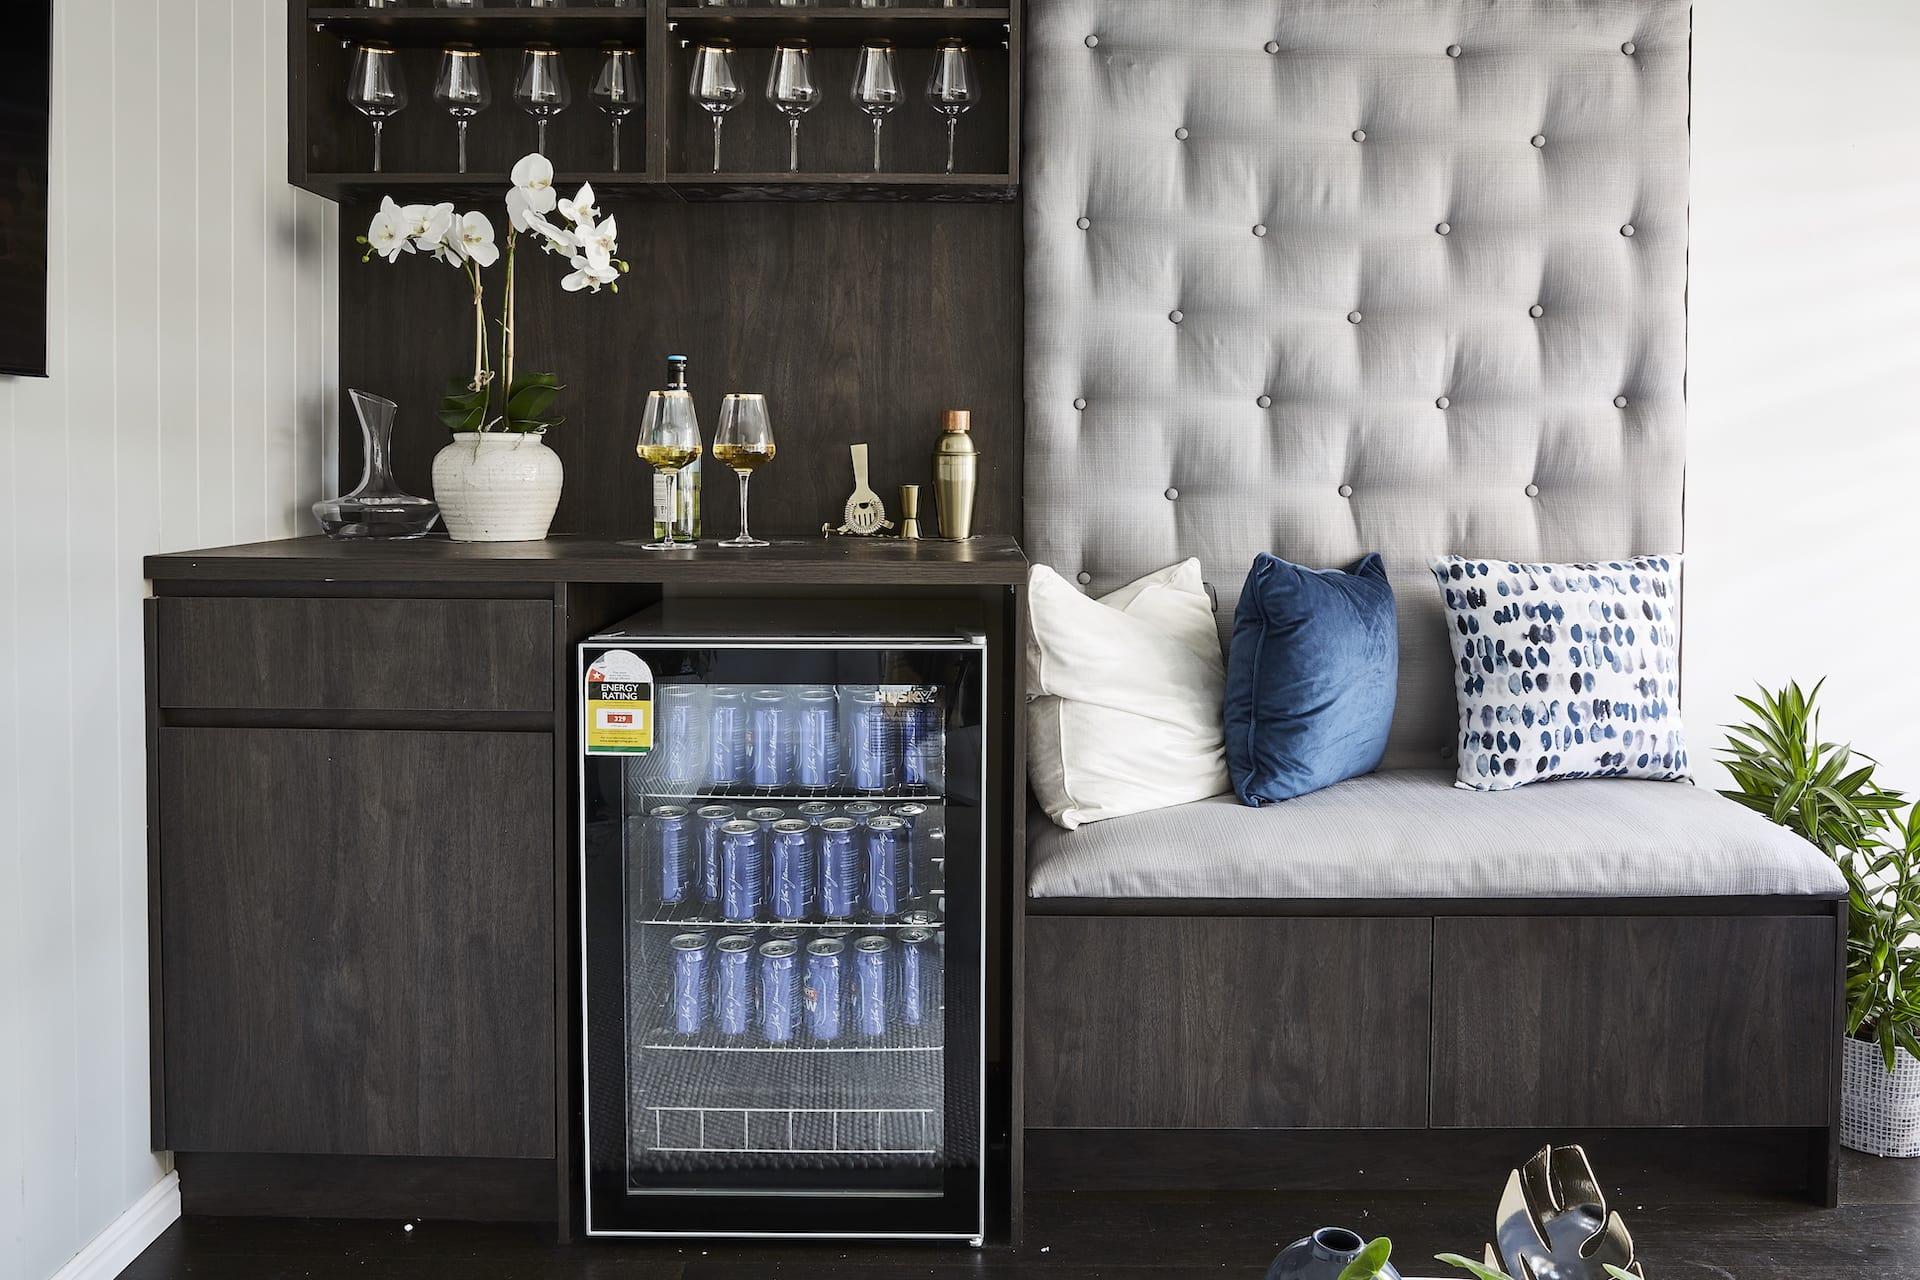 house rules 2020 lenore wine fridge